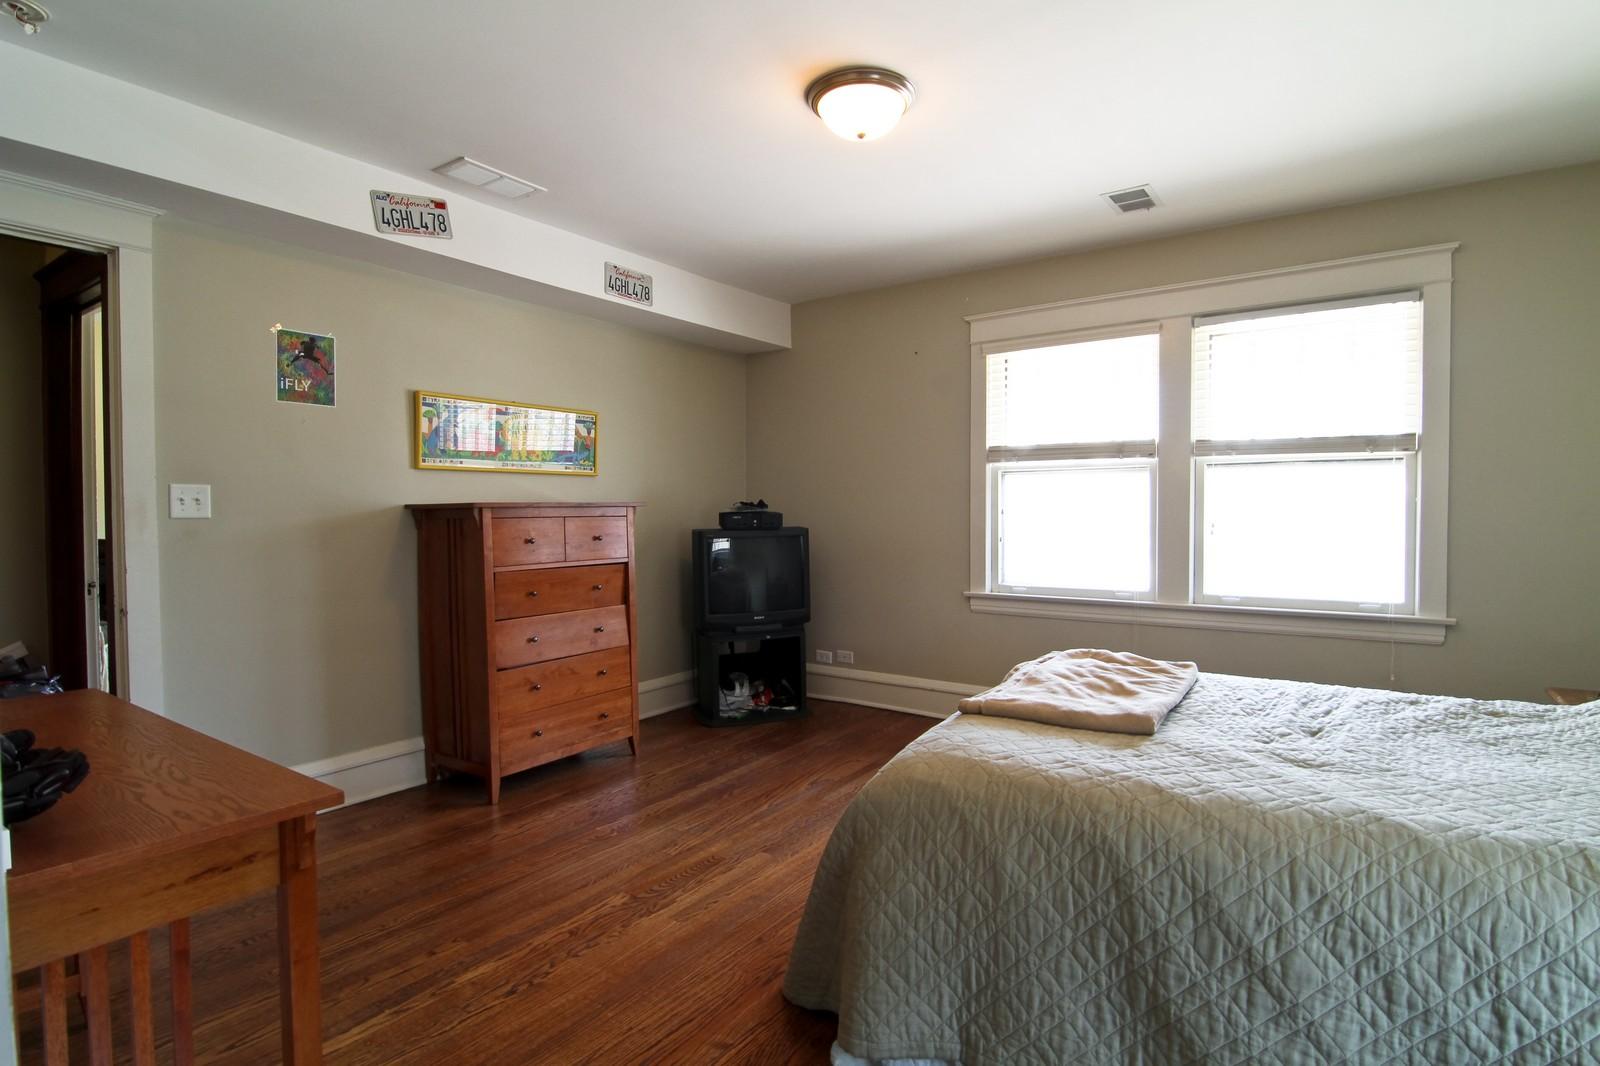 Real Estate Photography - 338 S. 8th, La Grange, IL, 60525 - Bedroom